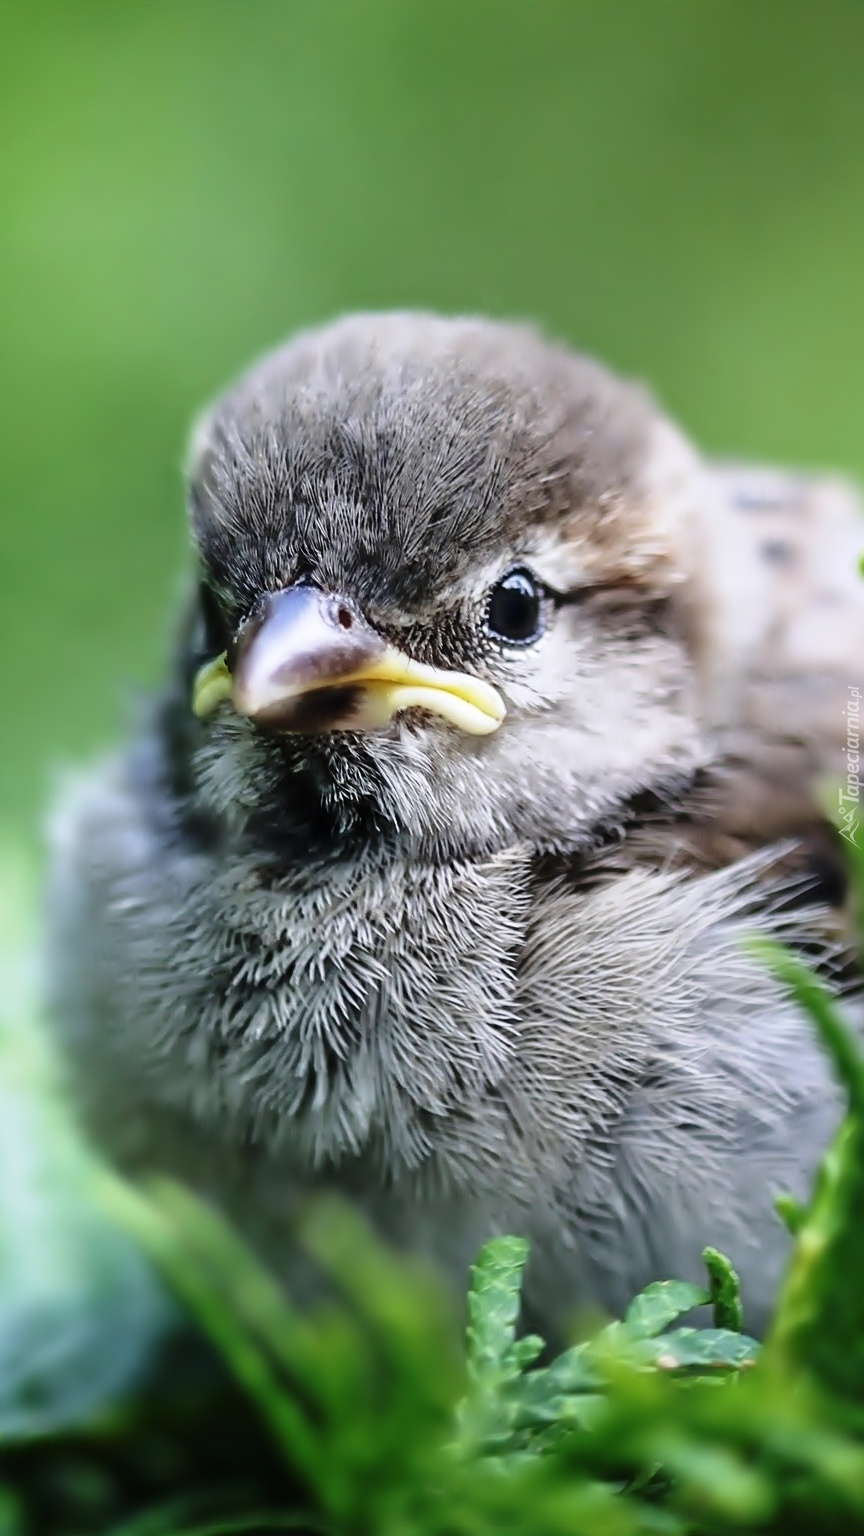 Bezbronny mały ptaszek o bystrych oczkach